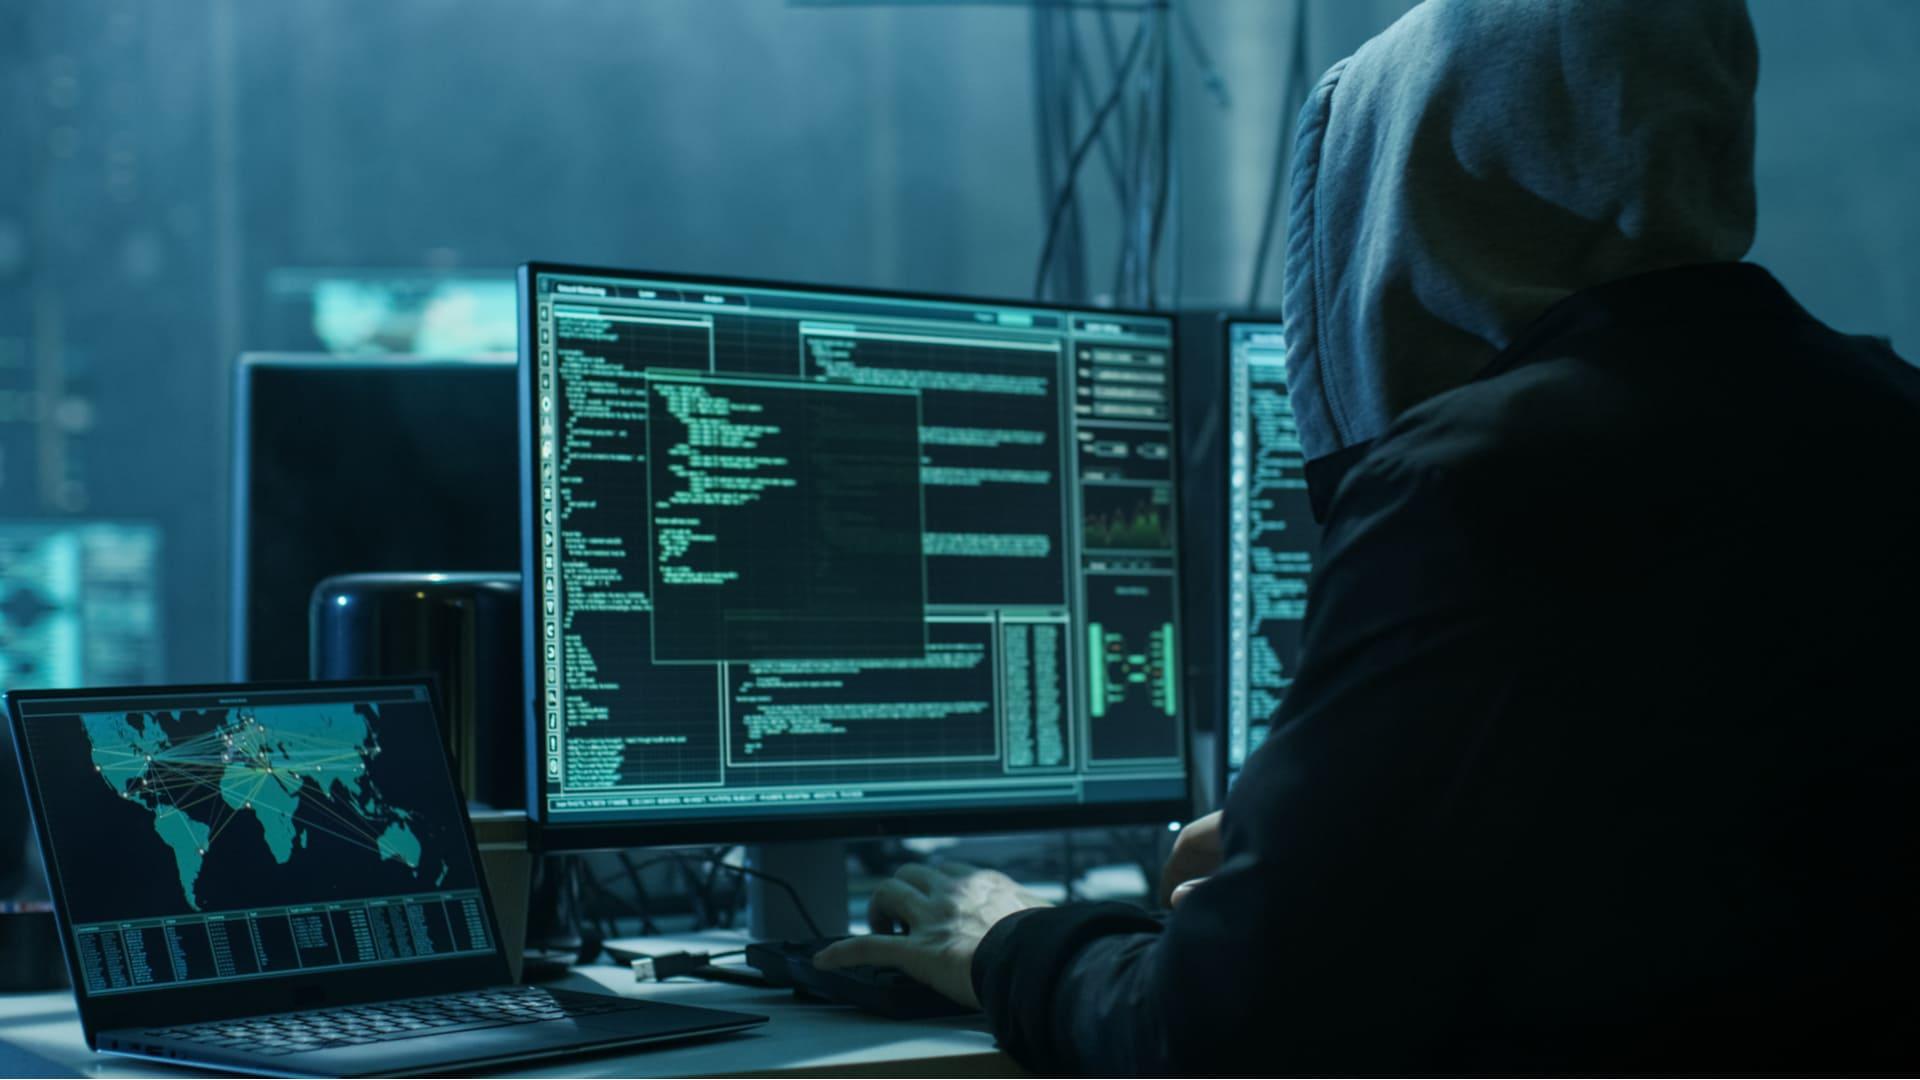 Quem criou o Google desenvolveu ao longo dos anos um sistema único de proteção em relação à base de dados (Foto: Shutterstock)